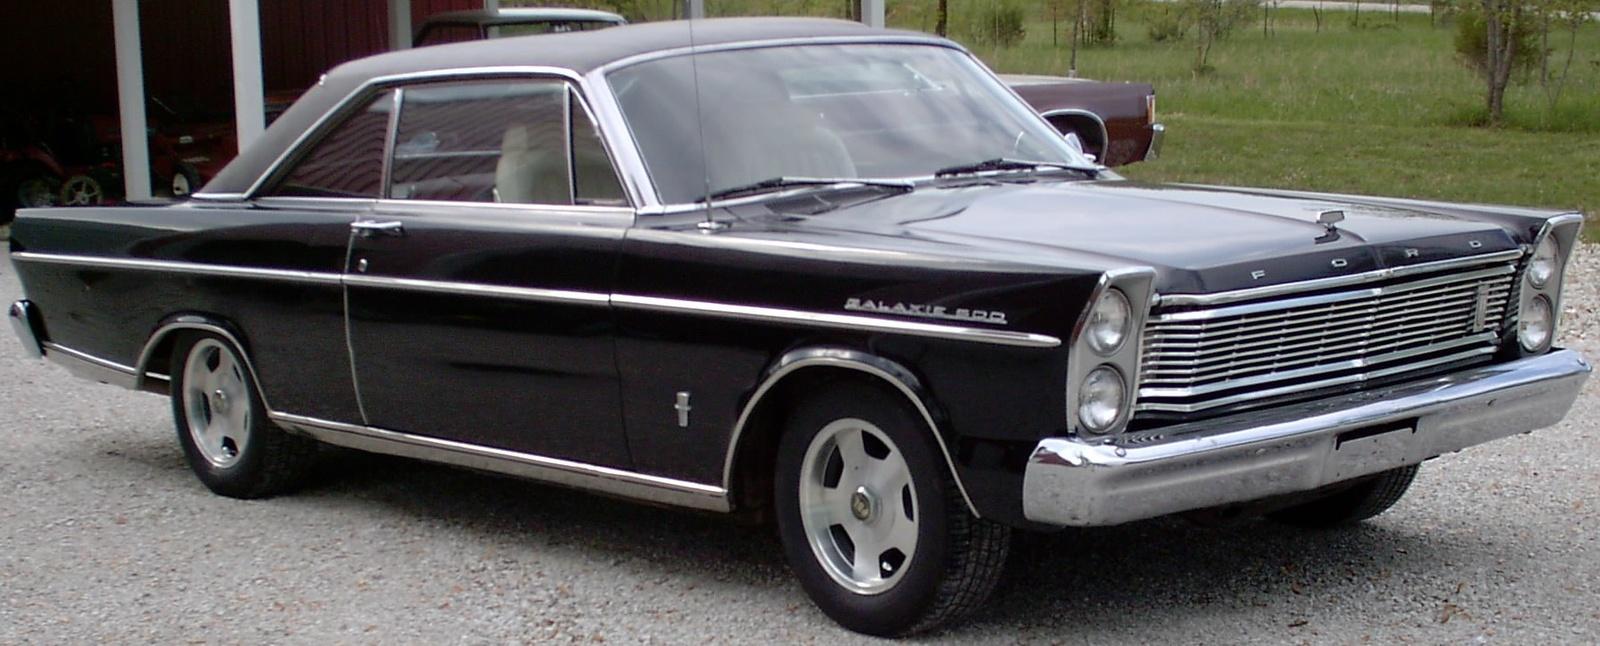 Ford Galaxy 1965 foto - 3